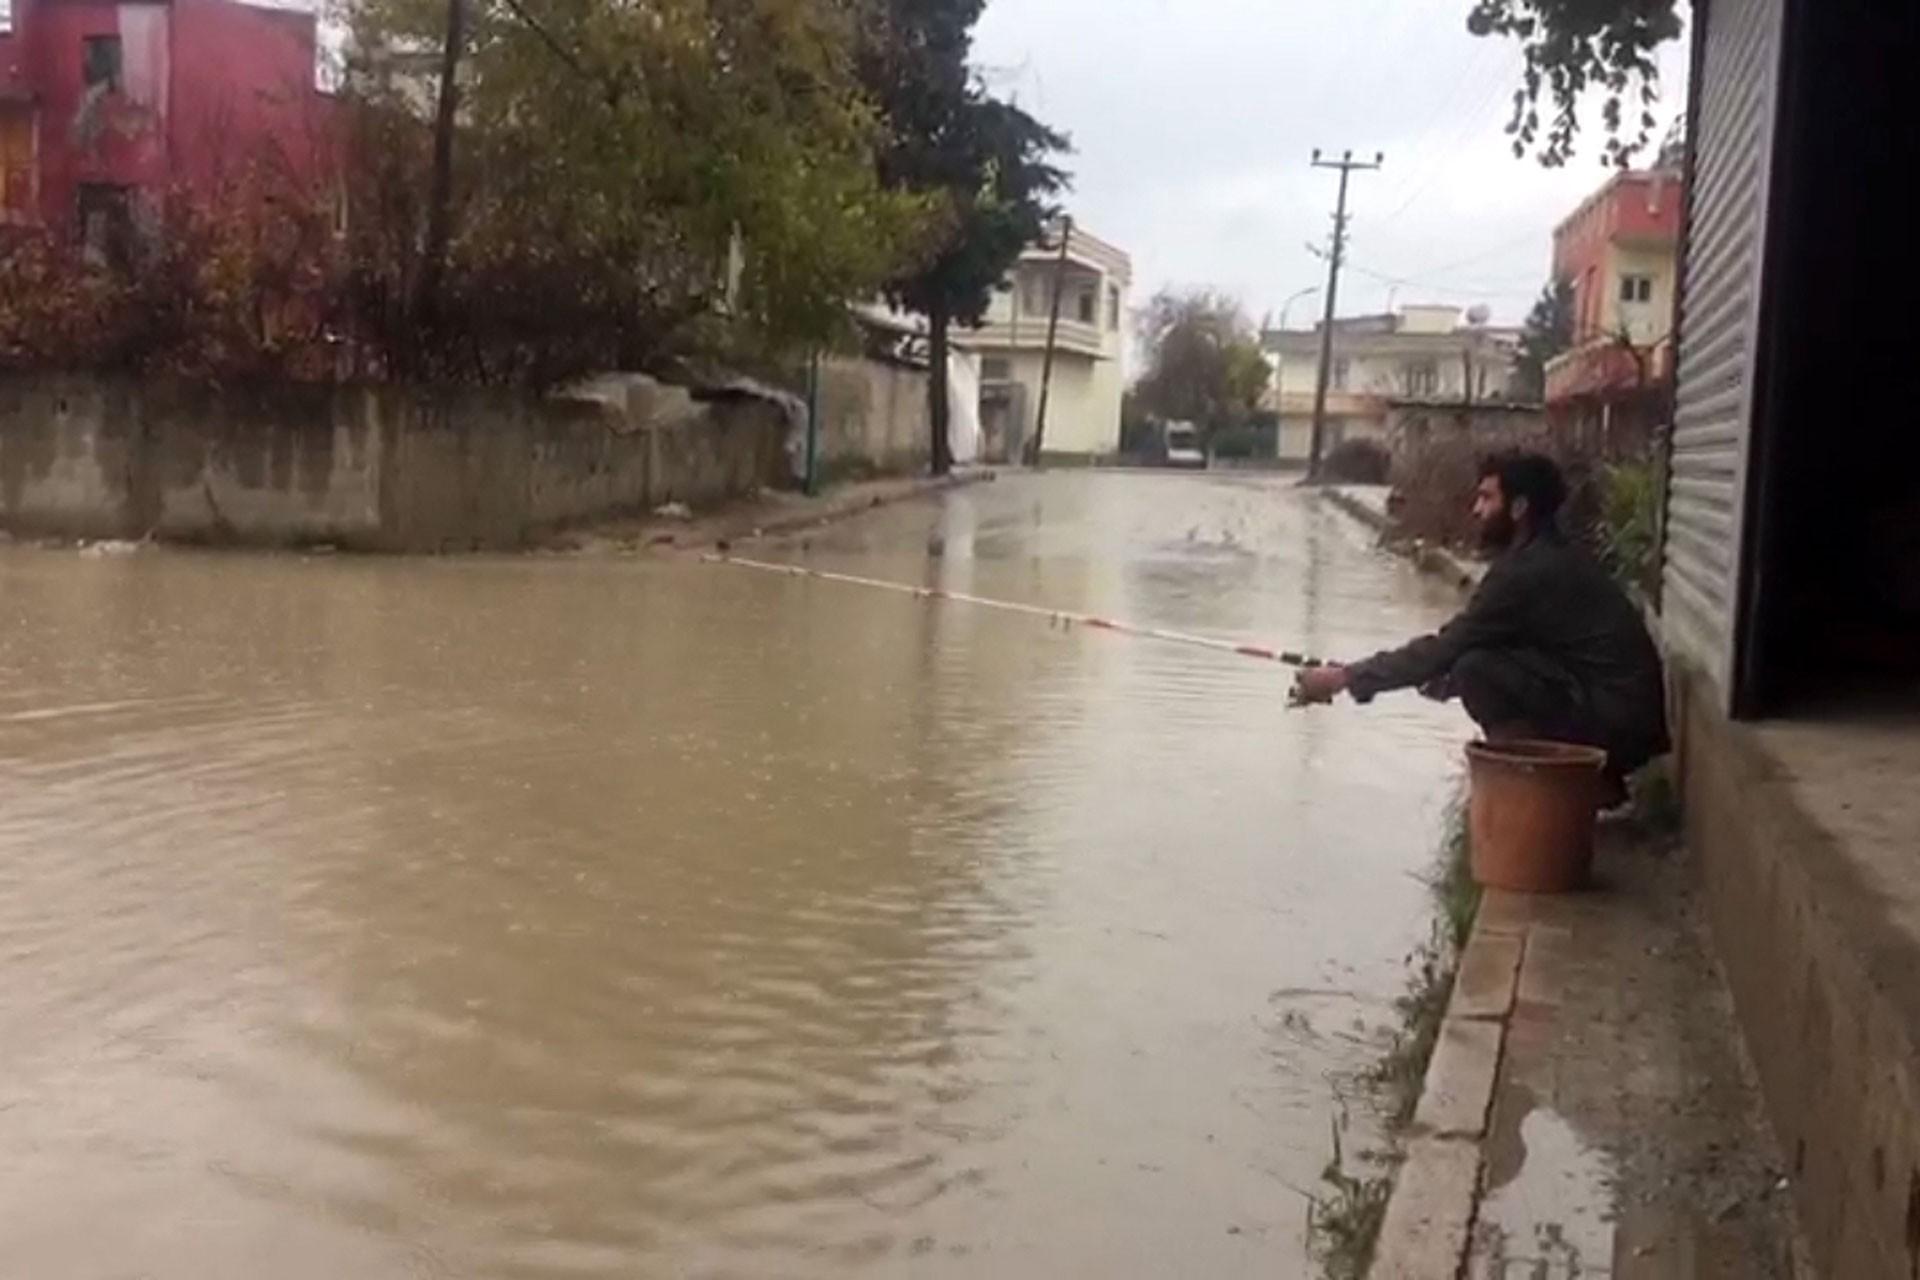 Mersin'de bir yurttaş su basan yolda olta attı